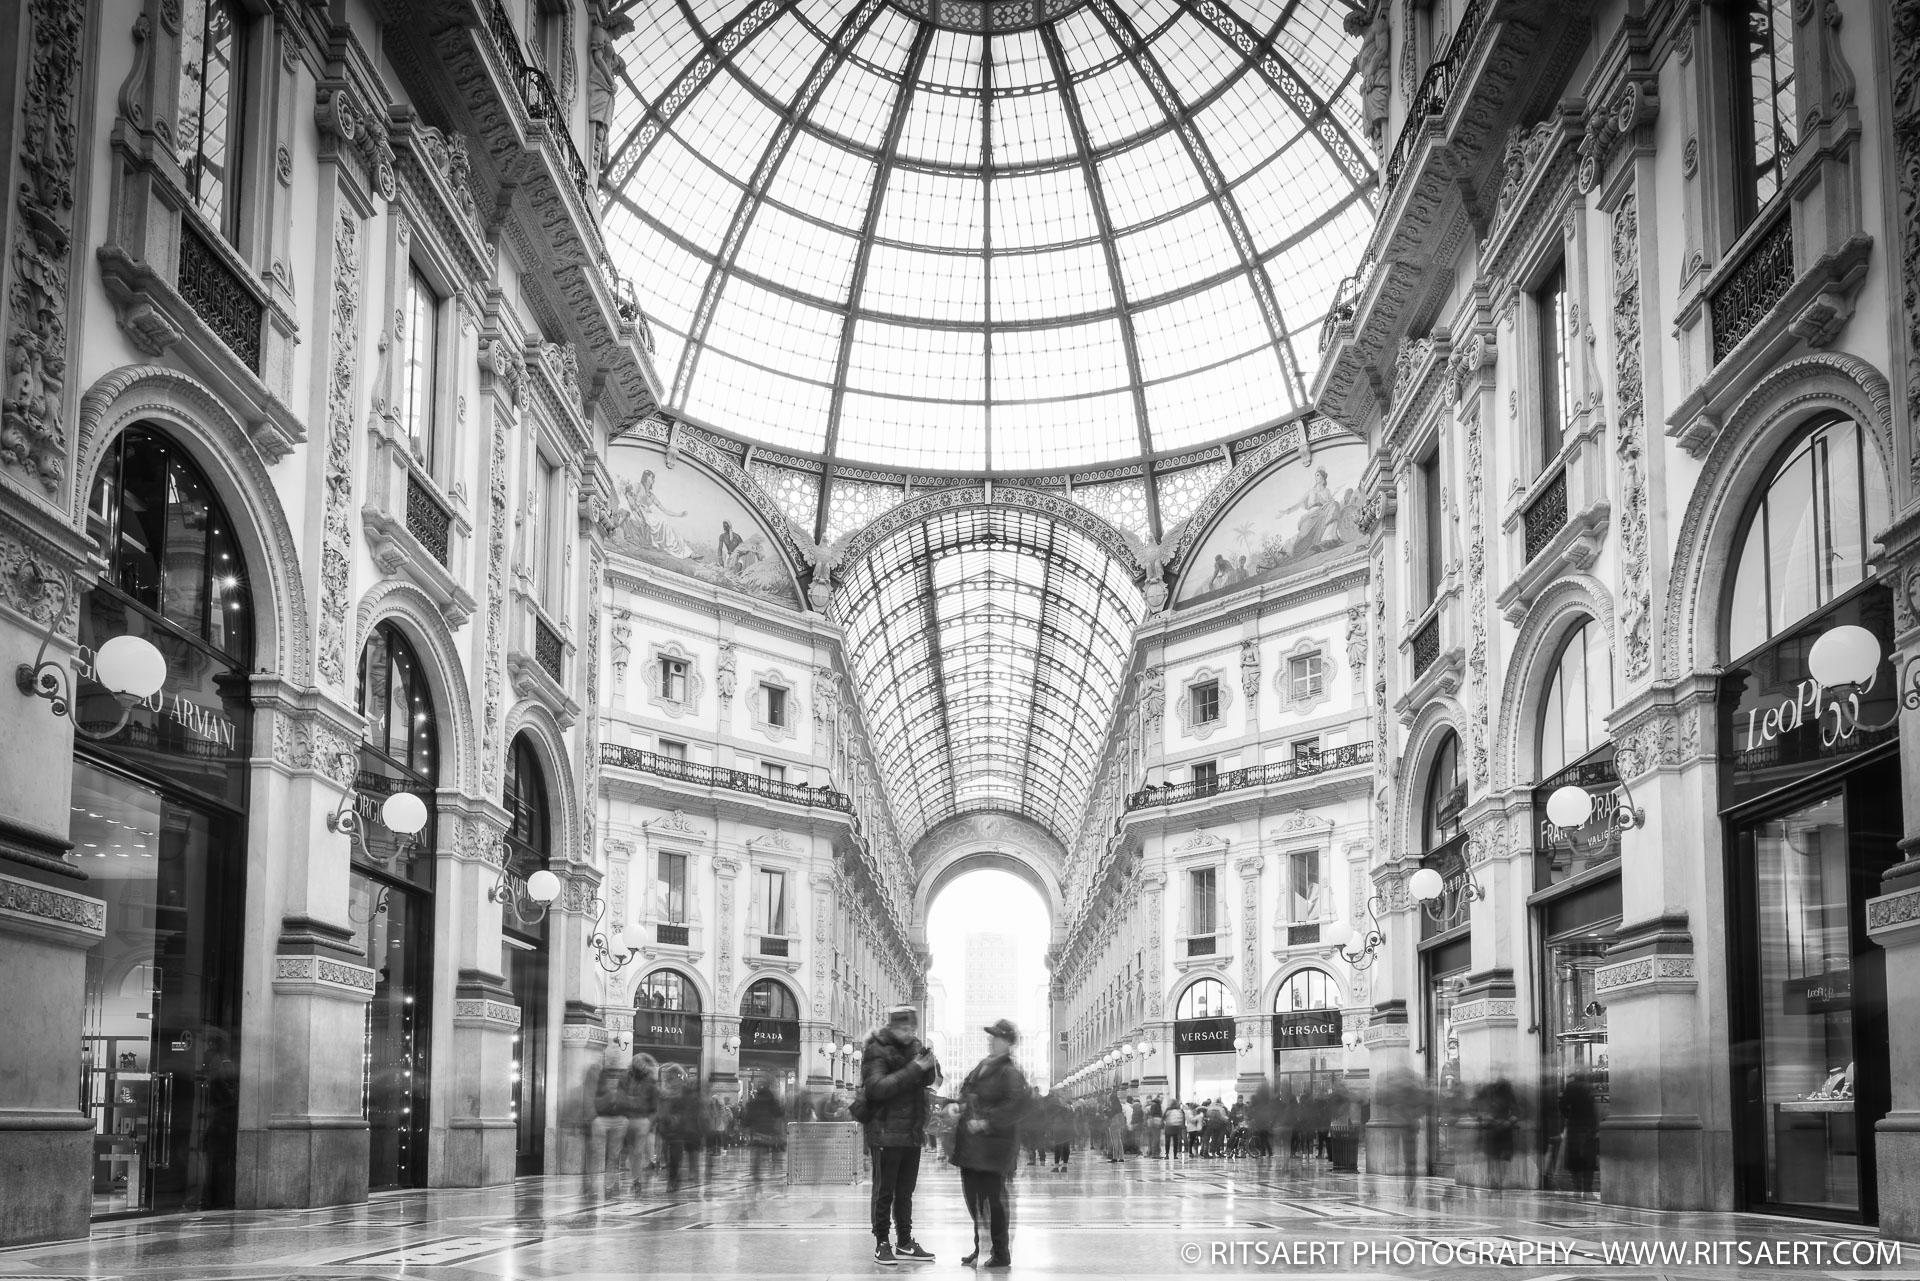 A Quiet moment at Galleria Vittorio Emanuele in Milan Italy